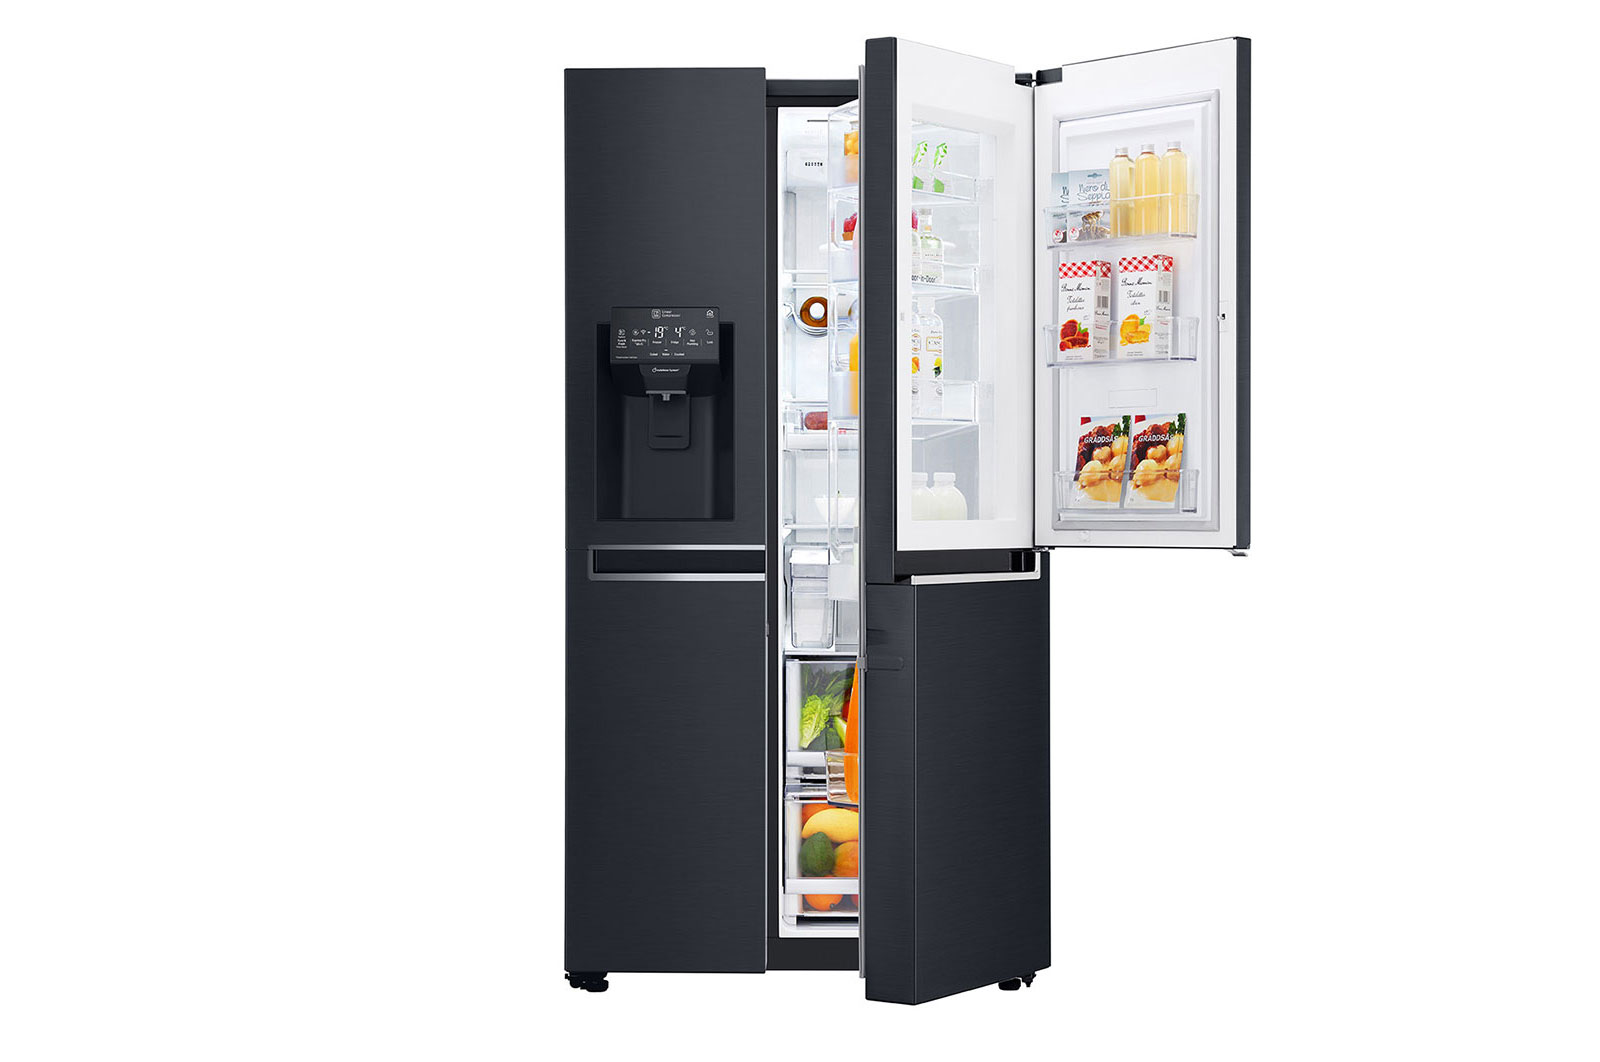 Loạt tủ lạnh, máy giặt giảm giá sốc, cơ hội cho người tiêu dùng 1